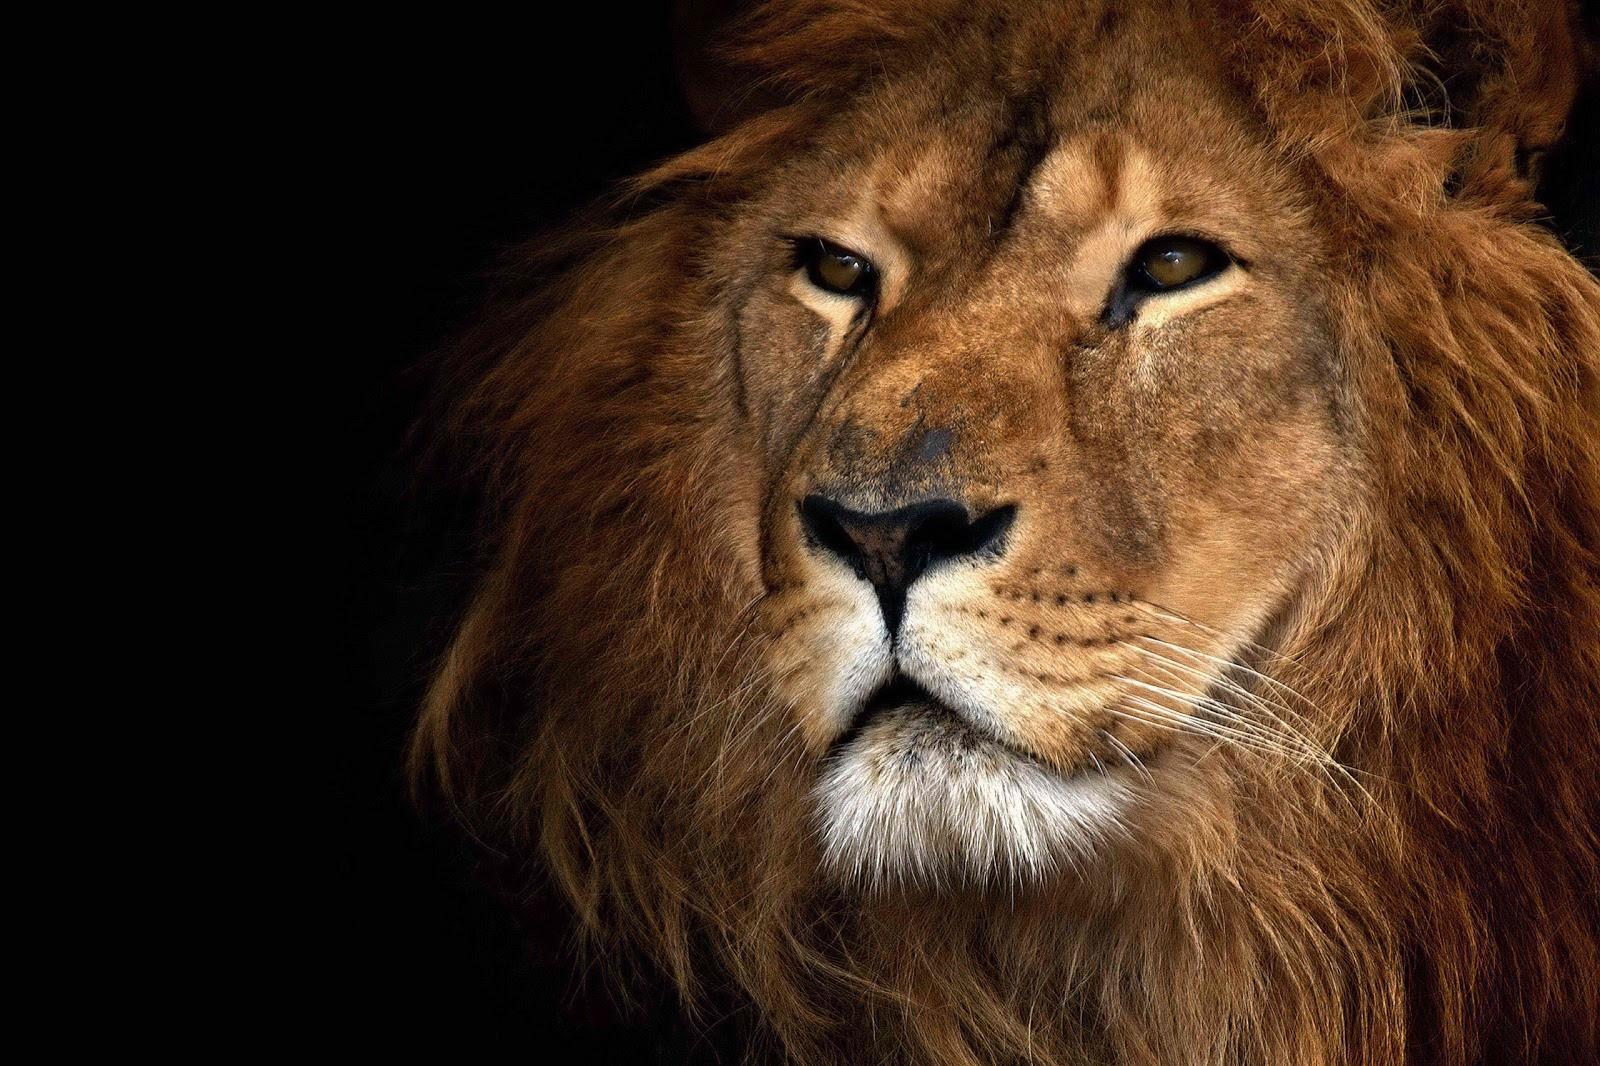 http://3.bp.blogspot.com/-iXtG5oGN6XU/TeF2YDYGAfI/AAAAAAAAB0s/Hb6YtDXoebs/s1600/lion.jpg